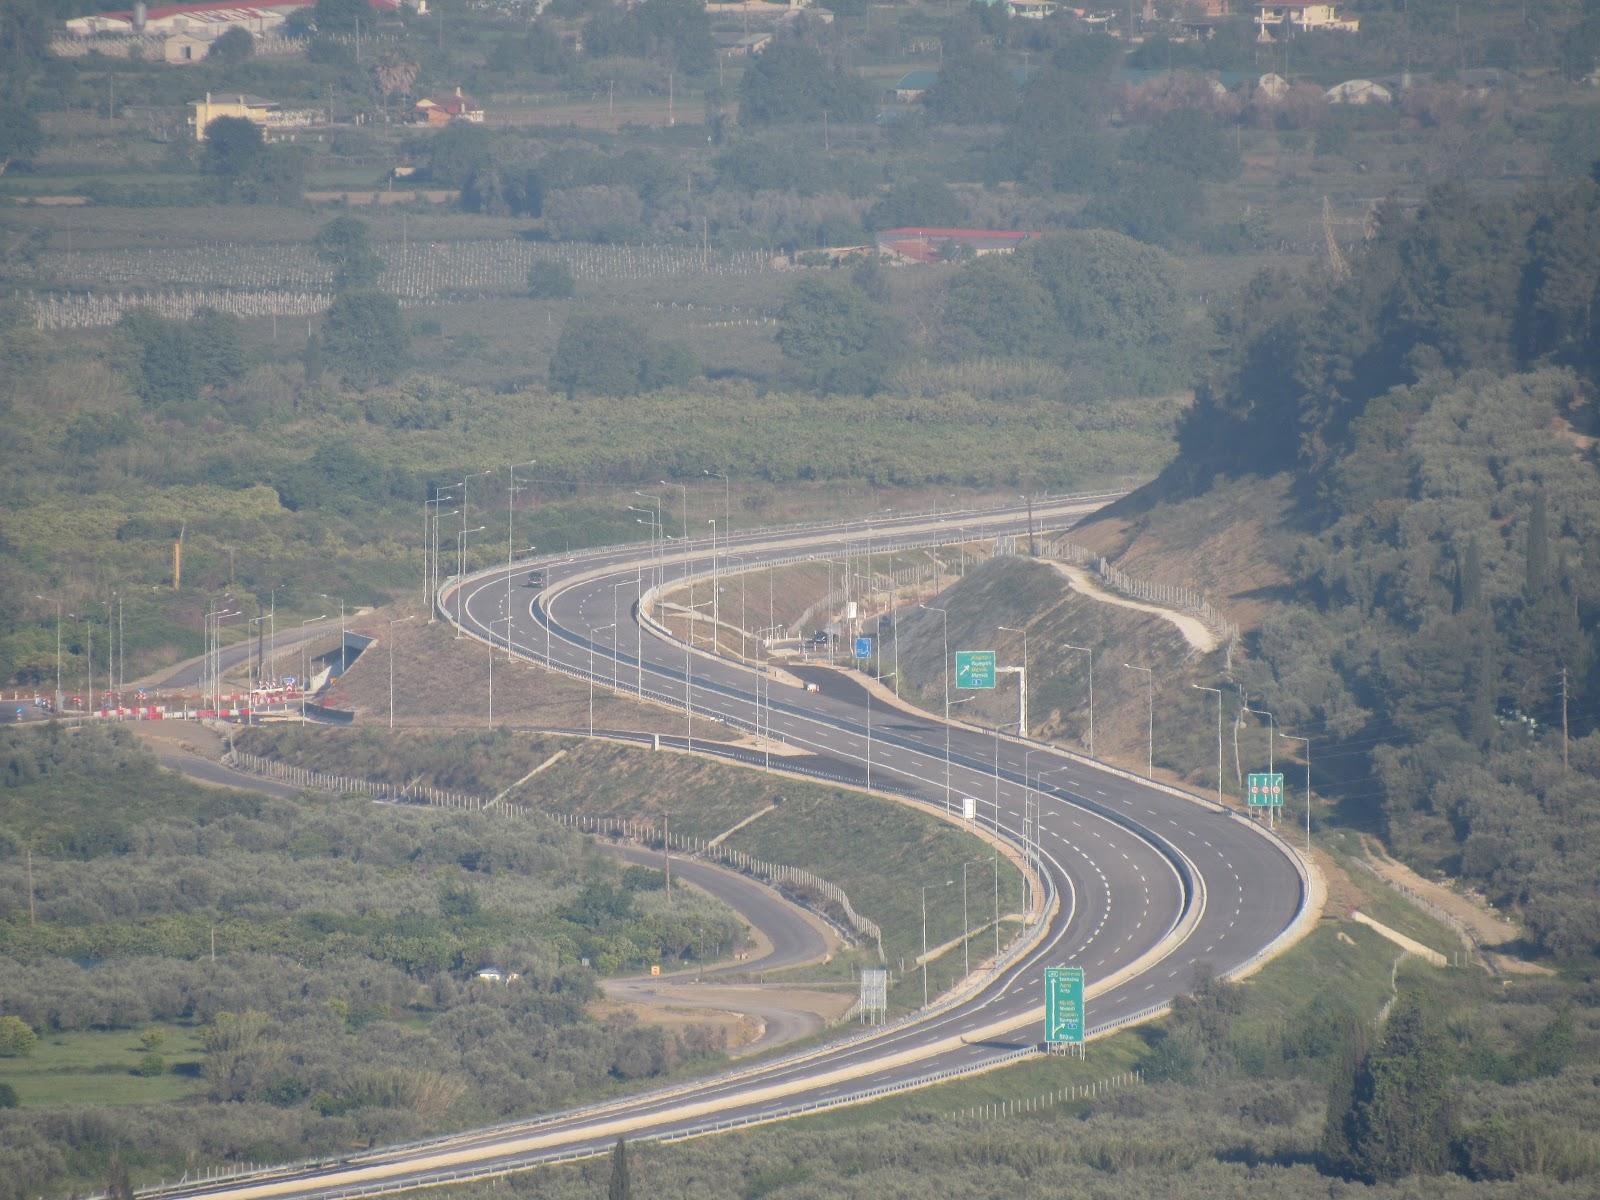 Ιόνια Οδός: Eντατικά τα έργα στο τμήμα Συκούλα – γέφυρα Μενιδίου – Ελαιοχώρι (βίντεο)